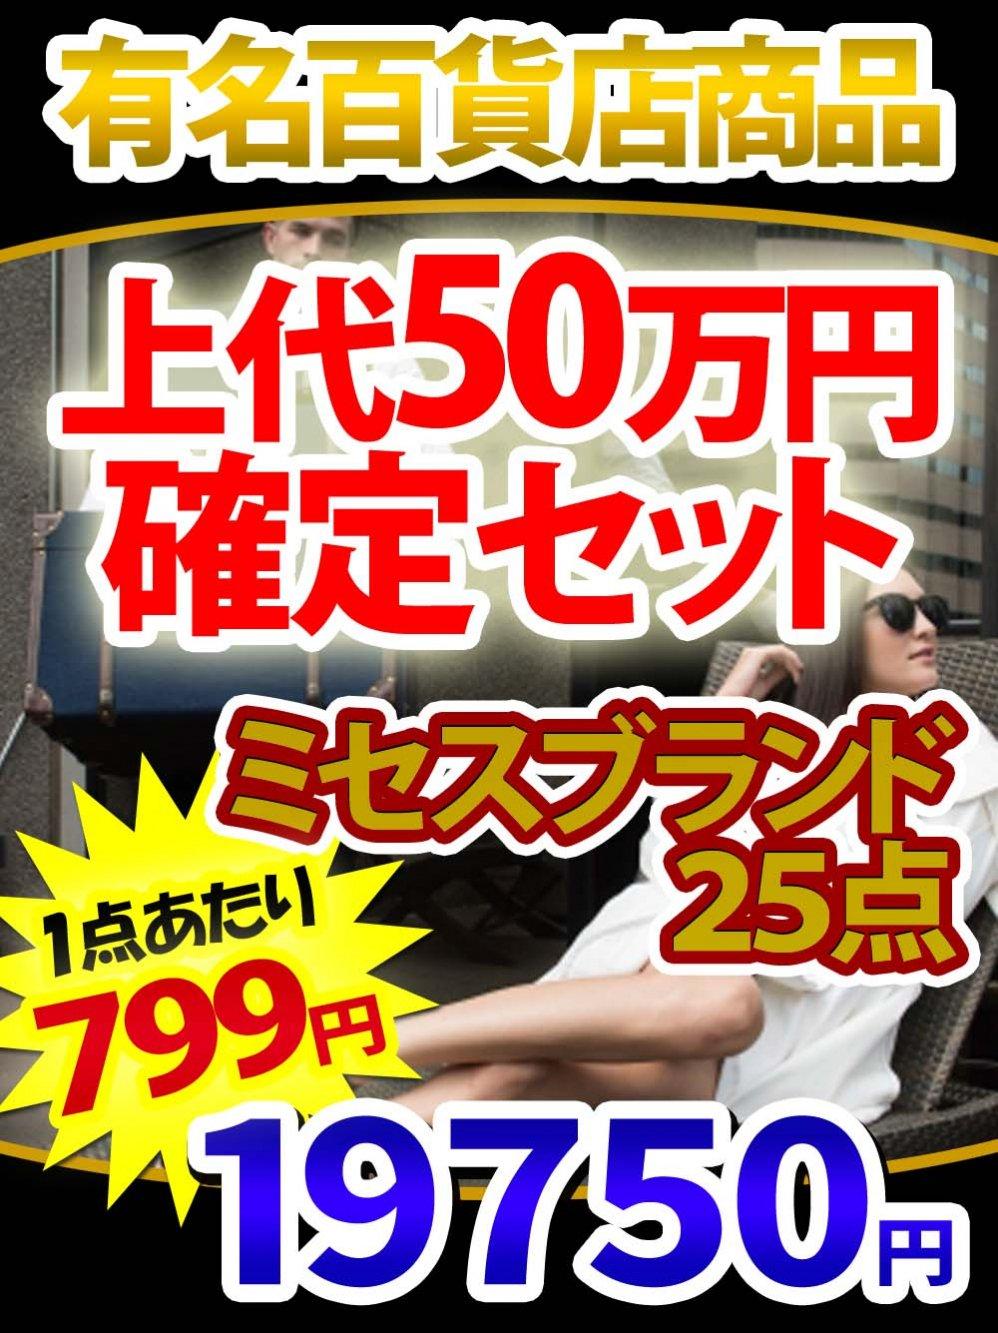 【有名百貨店商品】上代50万以上確定セット@799【25点】